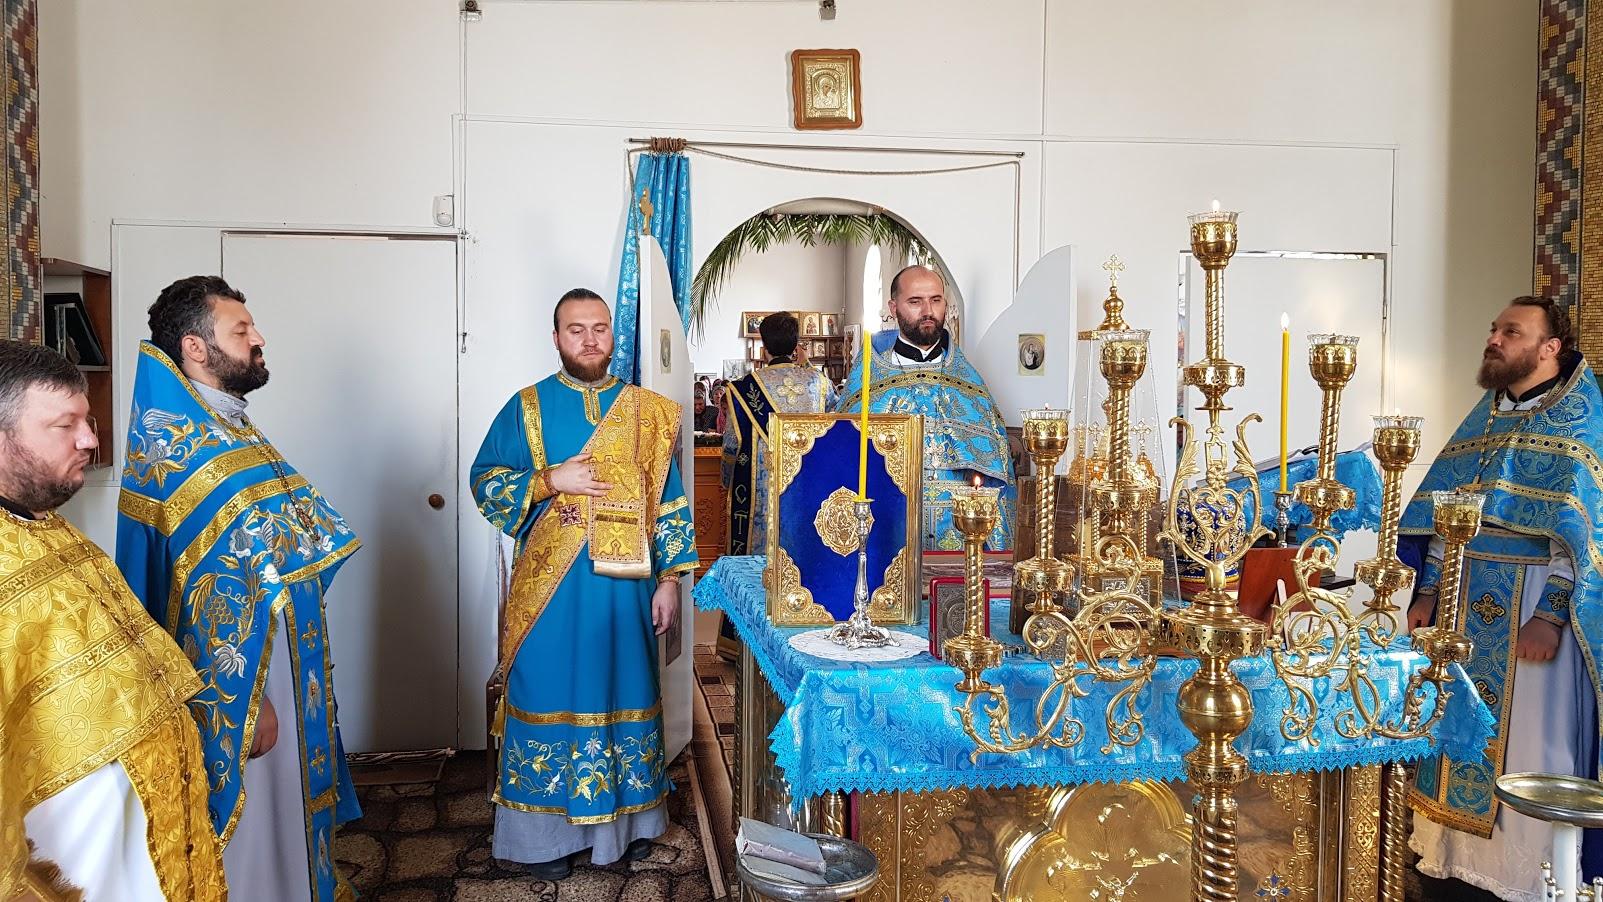 (ФОТО/ВИДЕО) Храм Казанской иконы Божией Матери мун. Чадыр-Лунга отметил свой престольный праздник